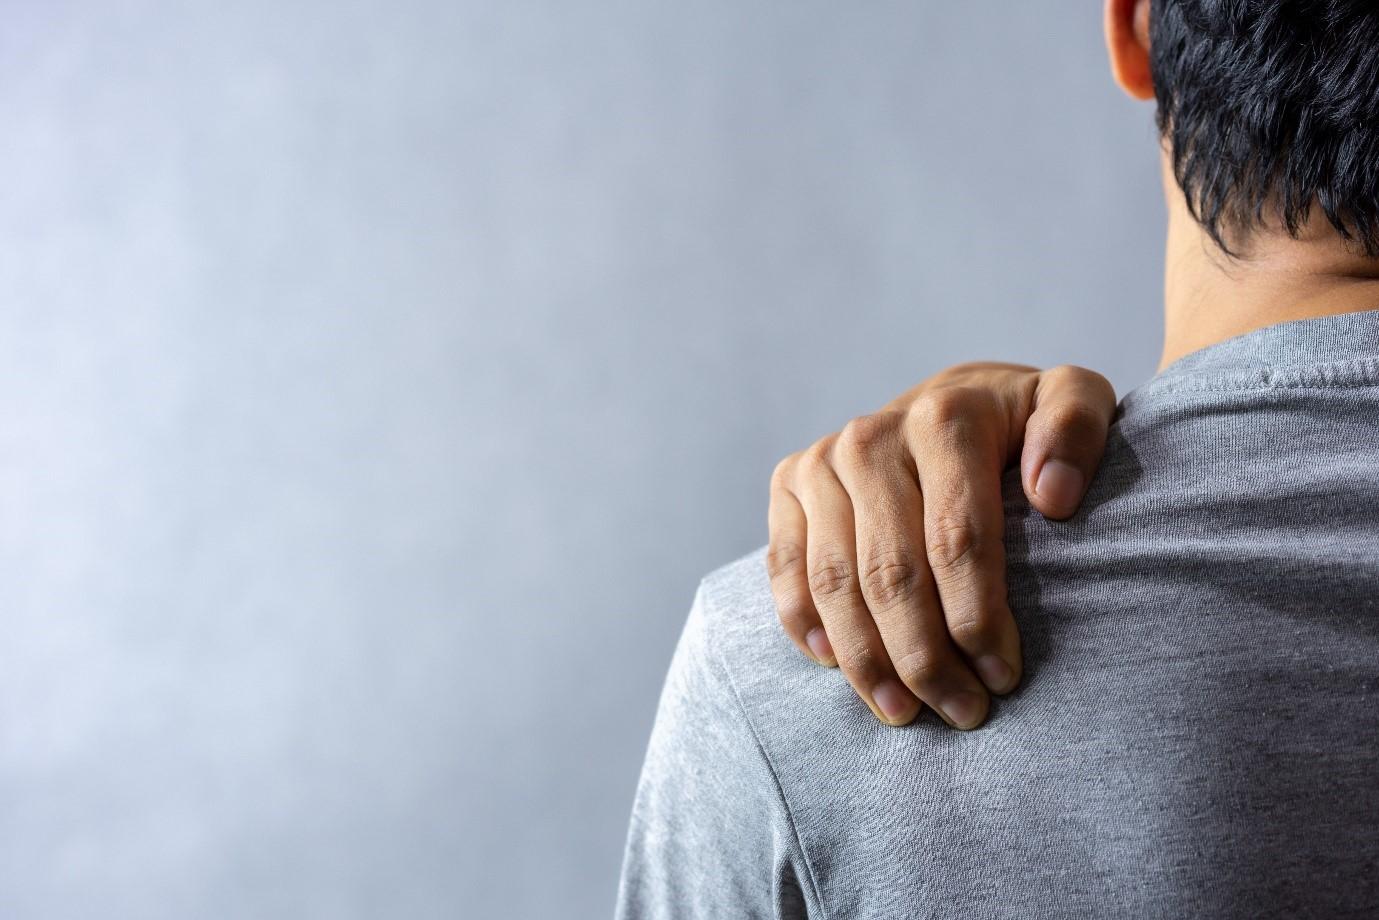 Wajib Dicoba, Ini 5 Gerakan Ringan untuk Atasi Sakit Pundak dan Leher